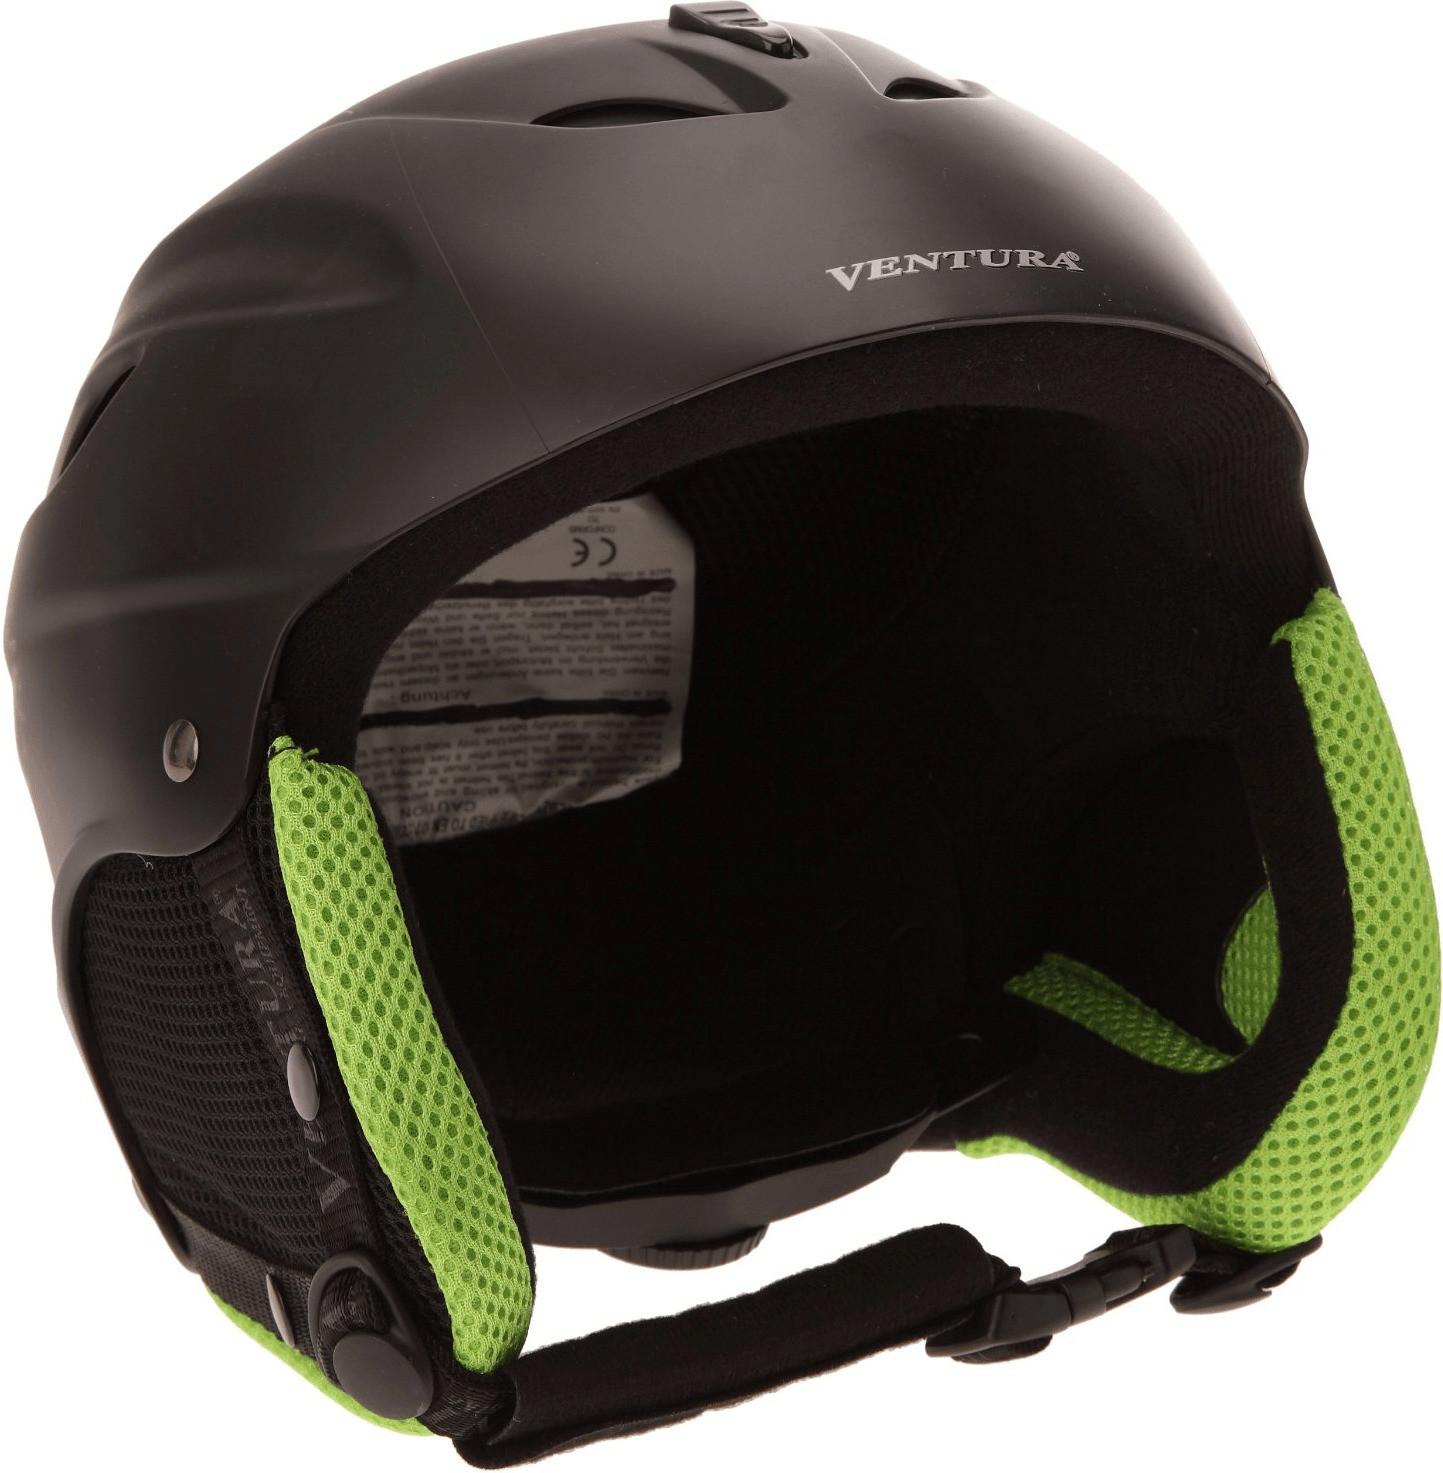 Ventura Erwachsenen Ski-Helm Universal